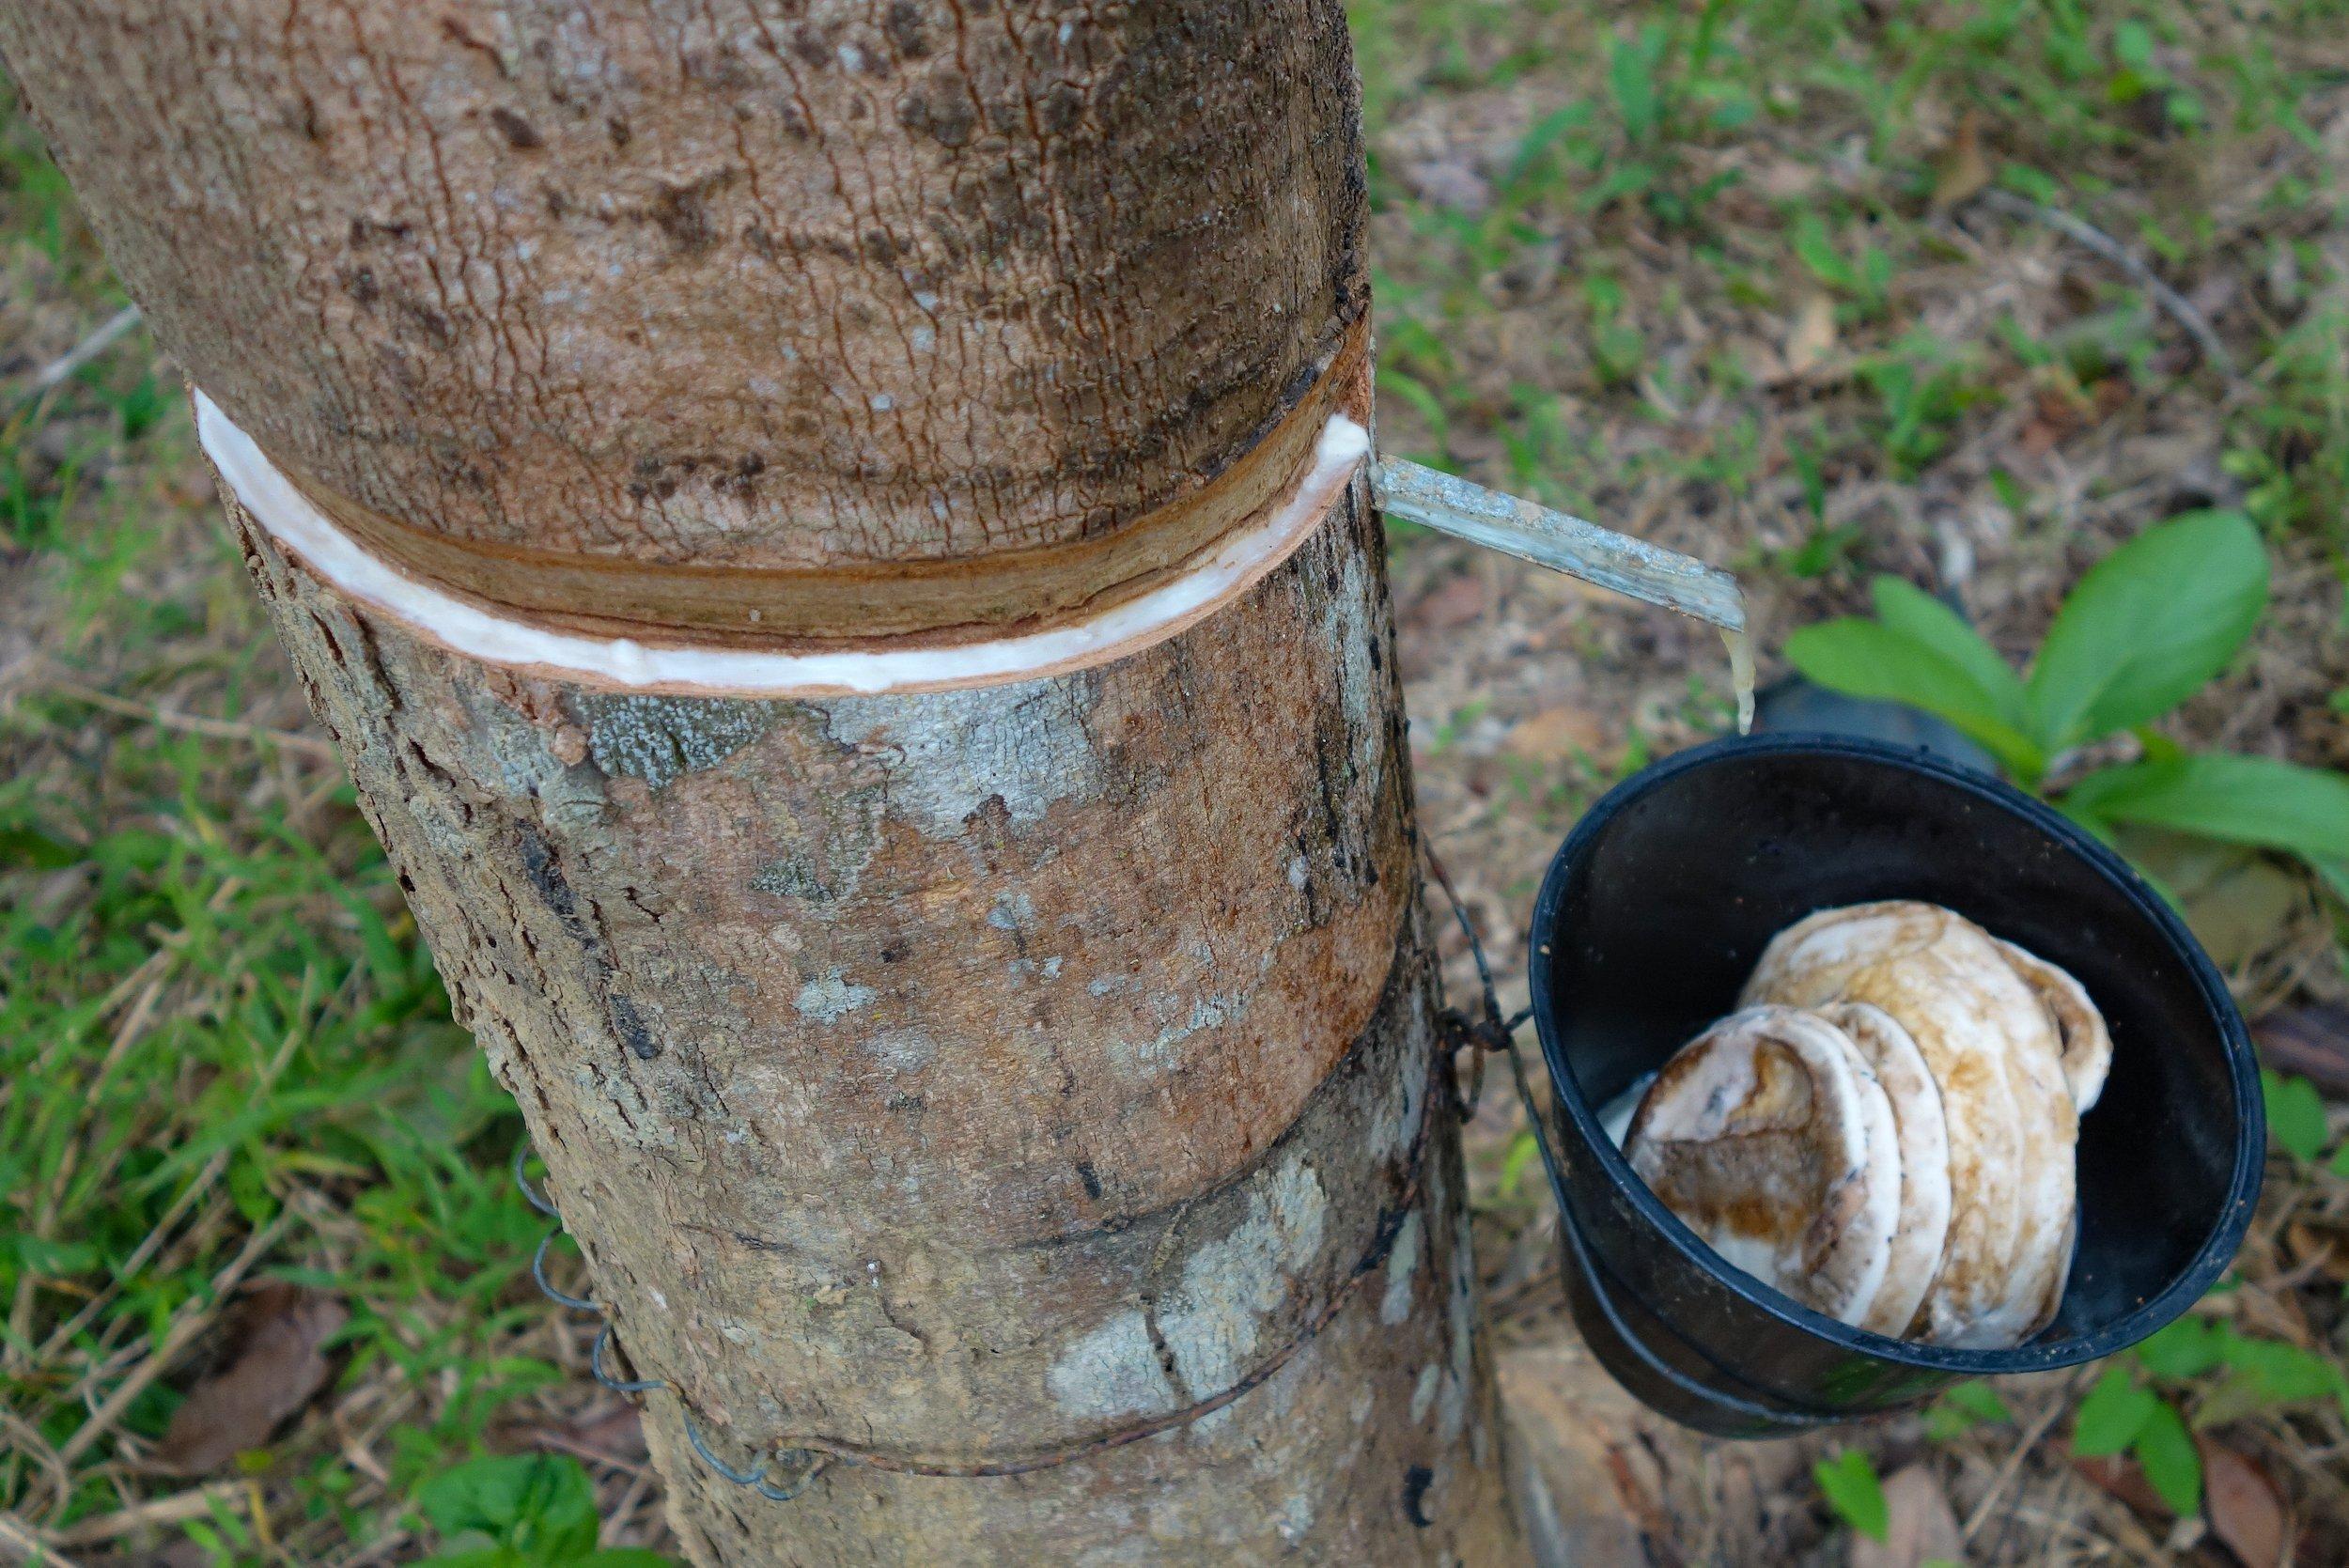 In einen Baumstamm sind Rillen geritzt, über die der Milchsaft aus dem Inneren des Kautschukbaums abfließen kann. Ein Metallplättchen führt ihn in einen schwarzen Plastikeimer, wo der Latex gesammelt wird.